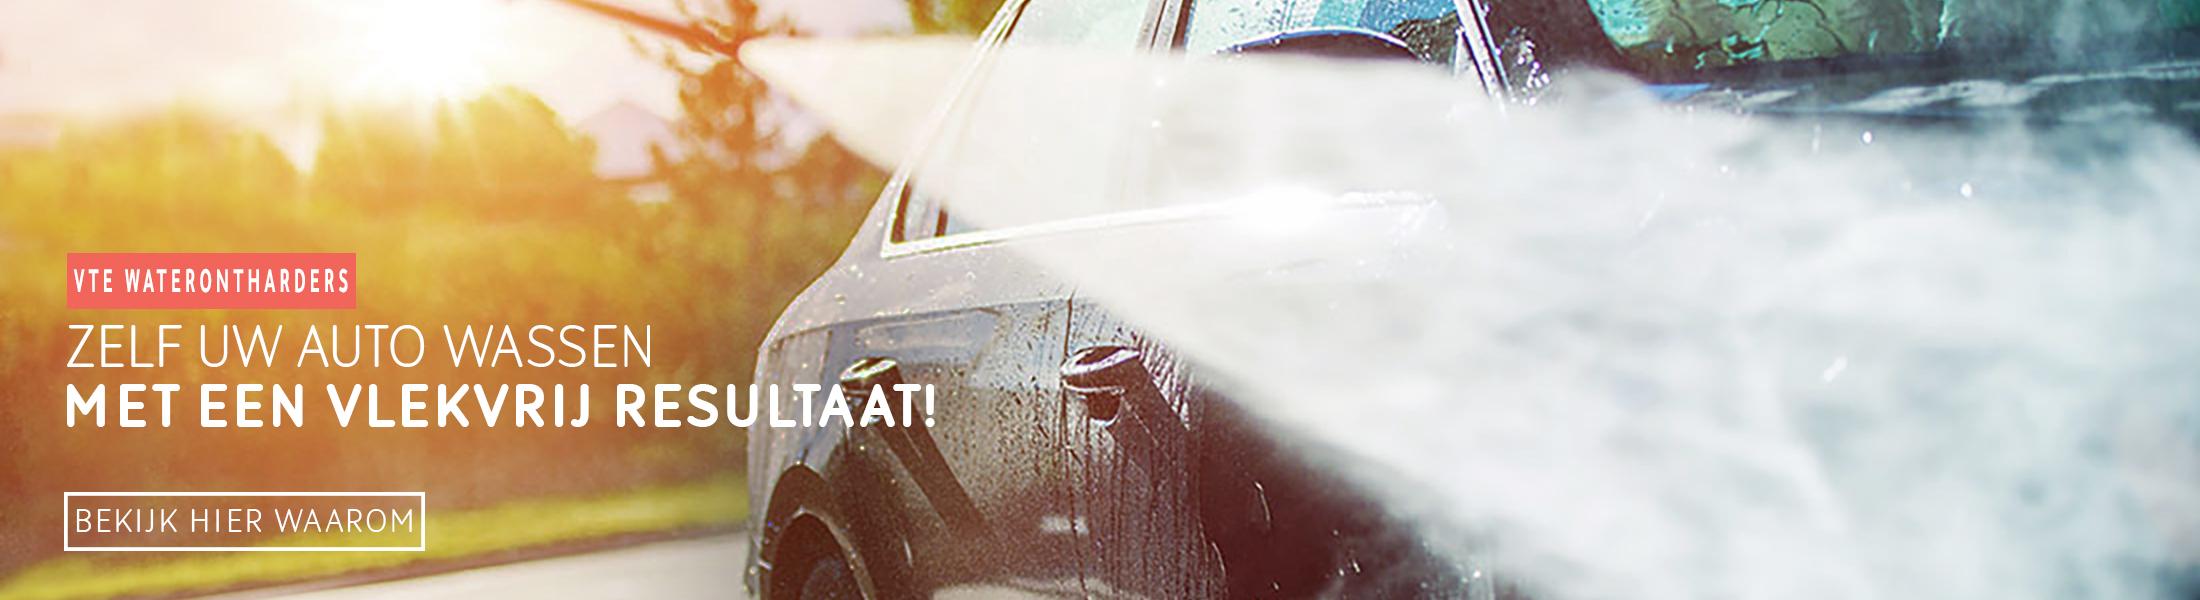 Kalkvrij uw auto wassen